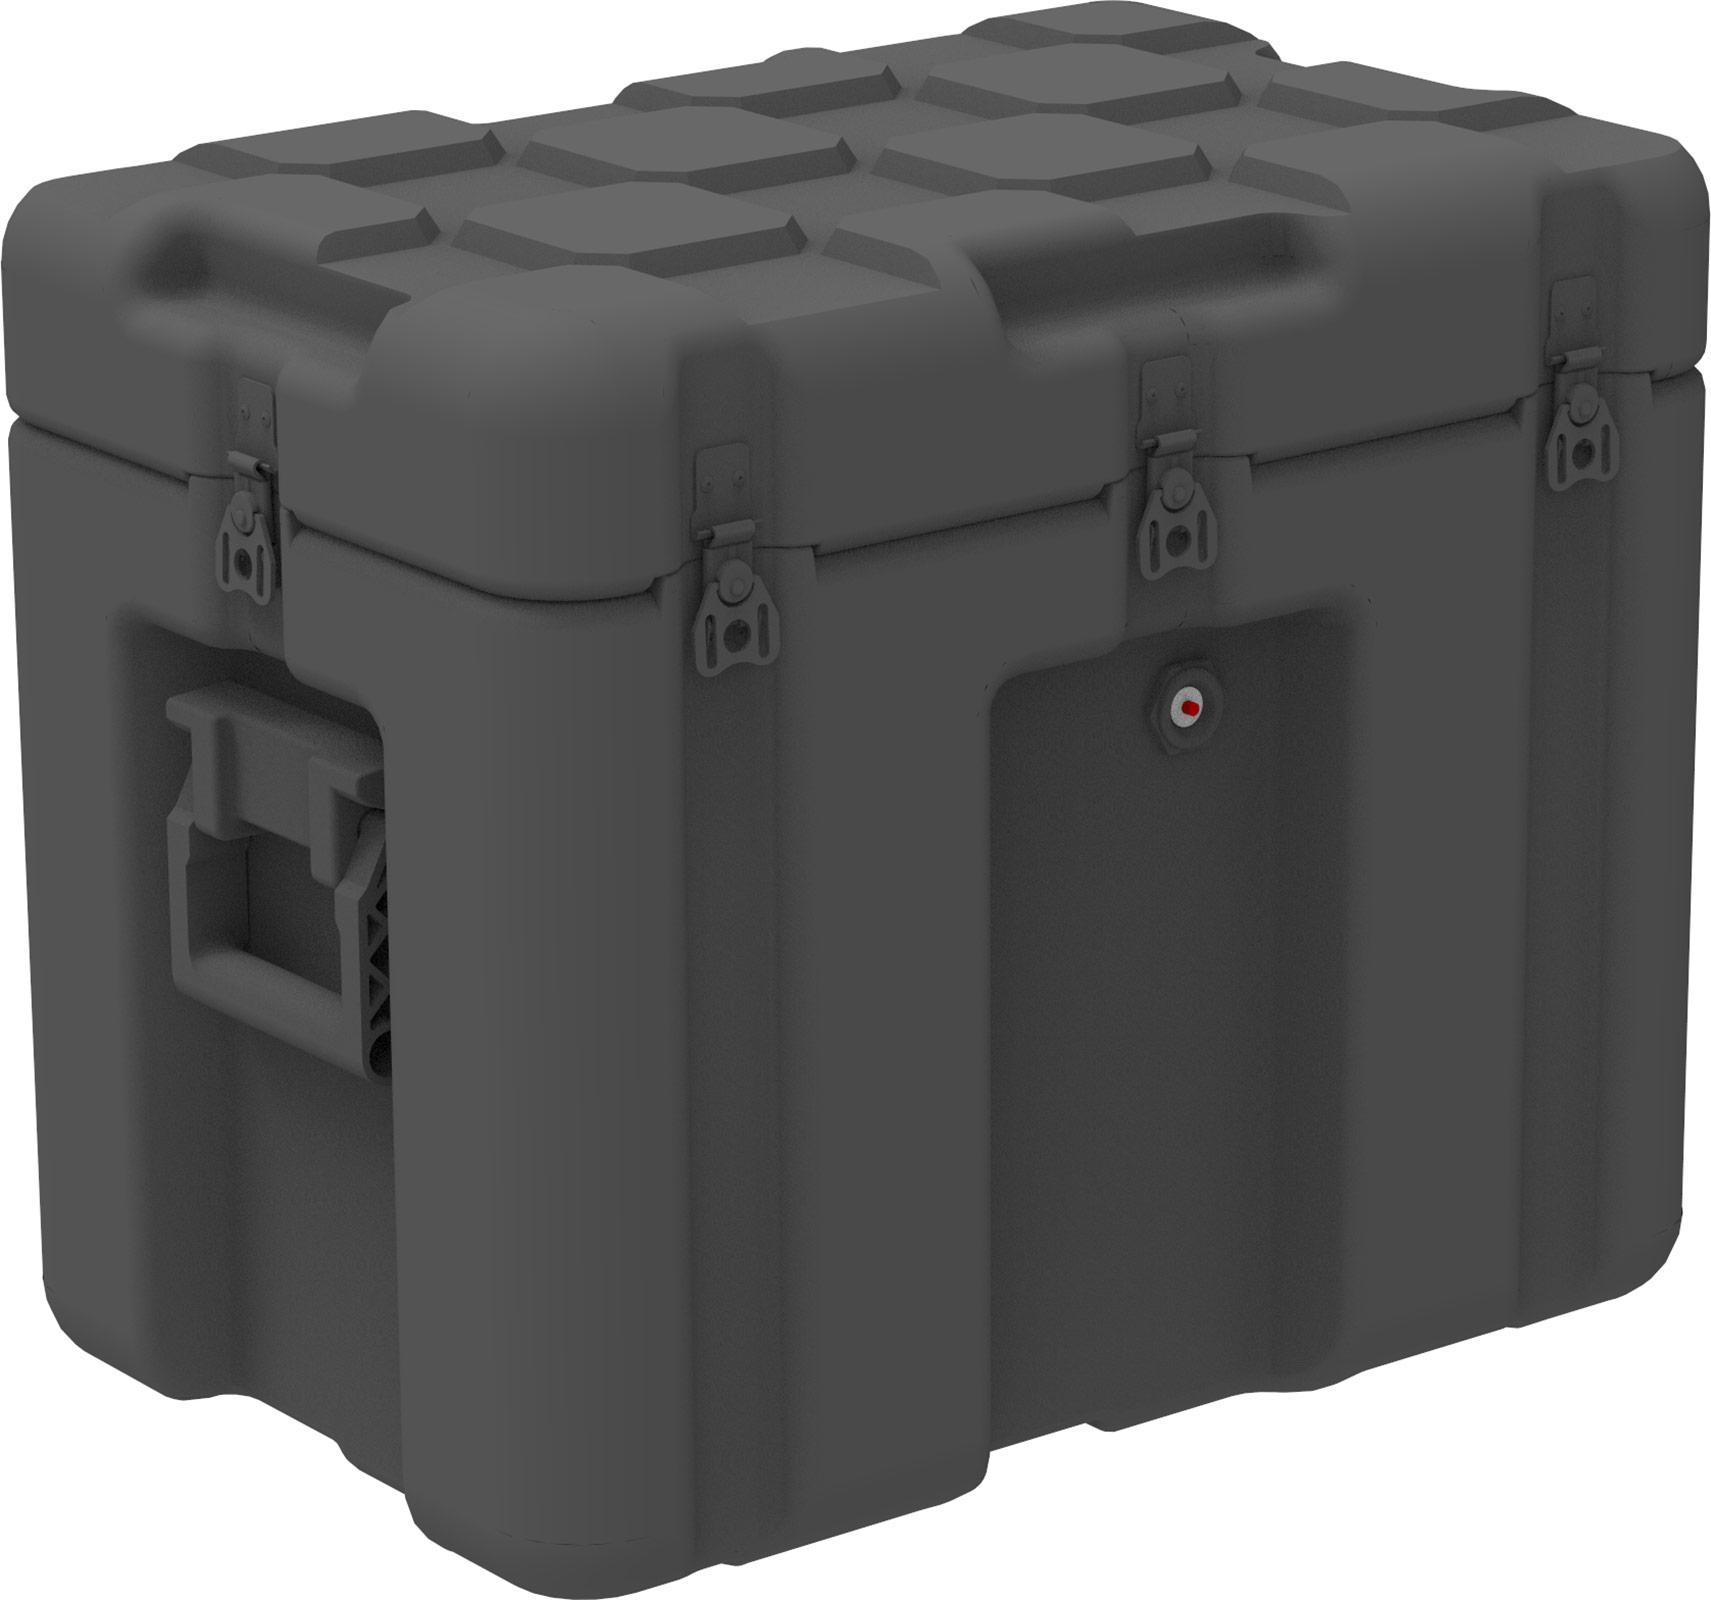 peli eu060040 4010 blk 032 shipping case